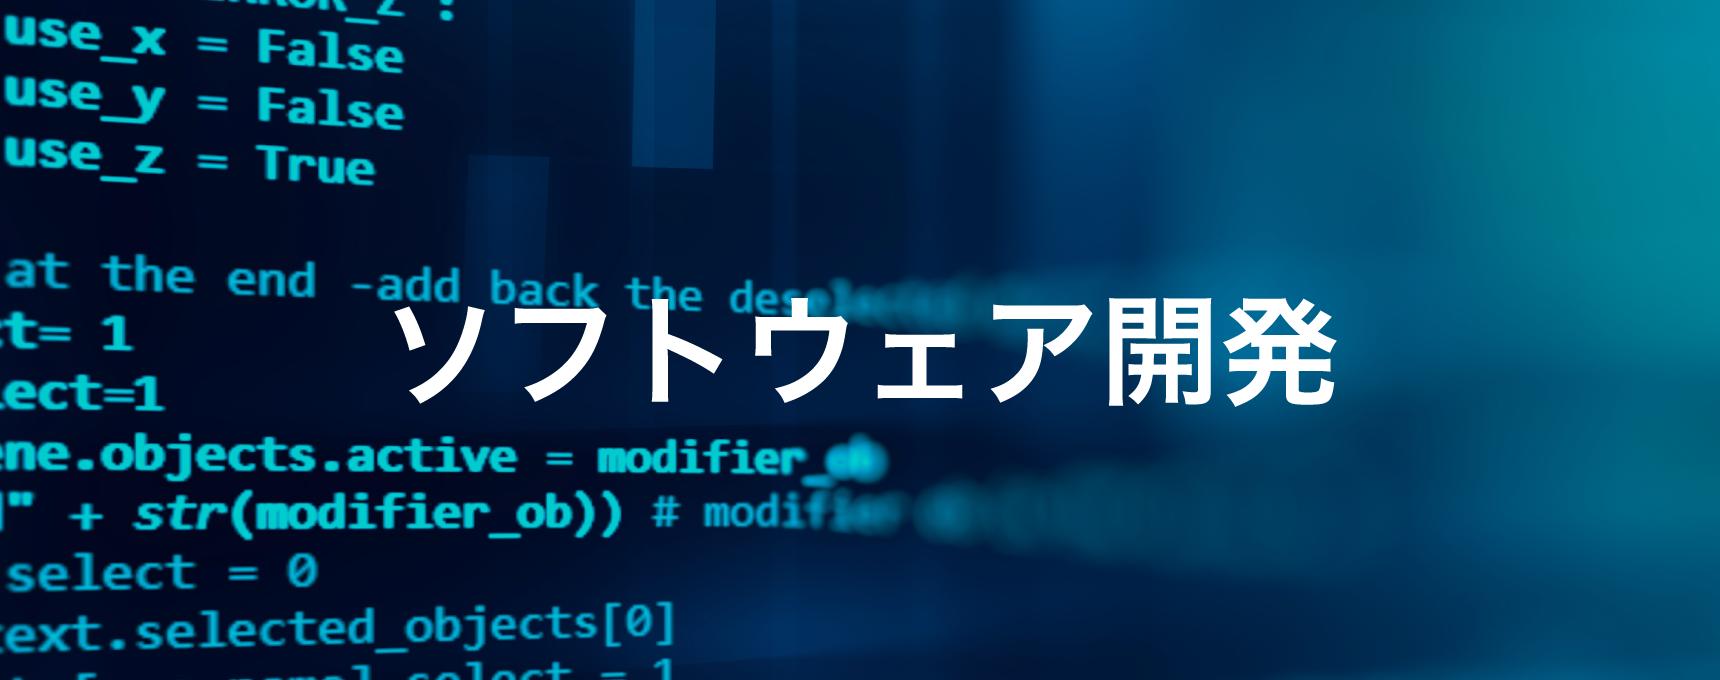 ソフトウェア開発@2x-1